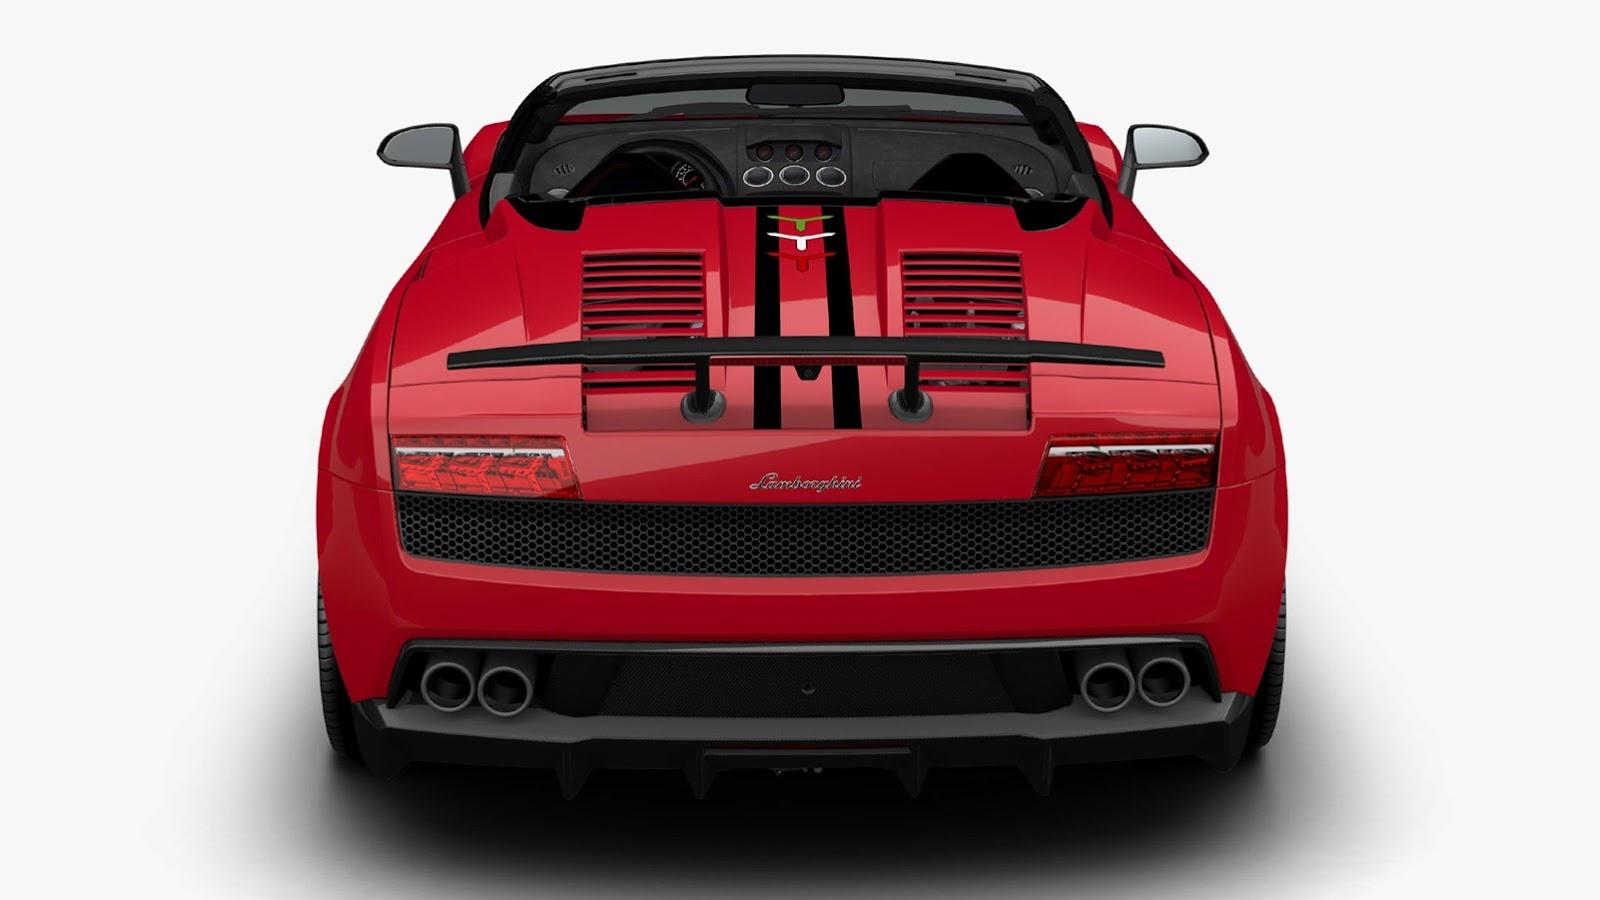 Lamborghini_Gallardo_Performante_Edizione_Tecnica_Rear